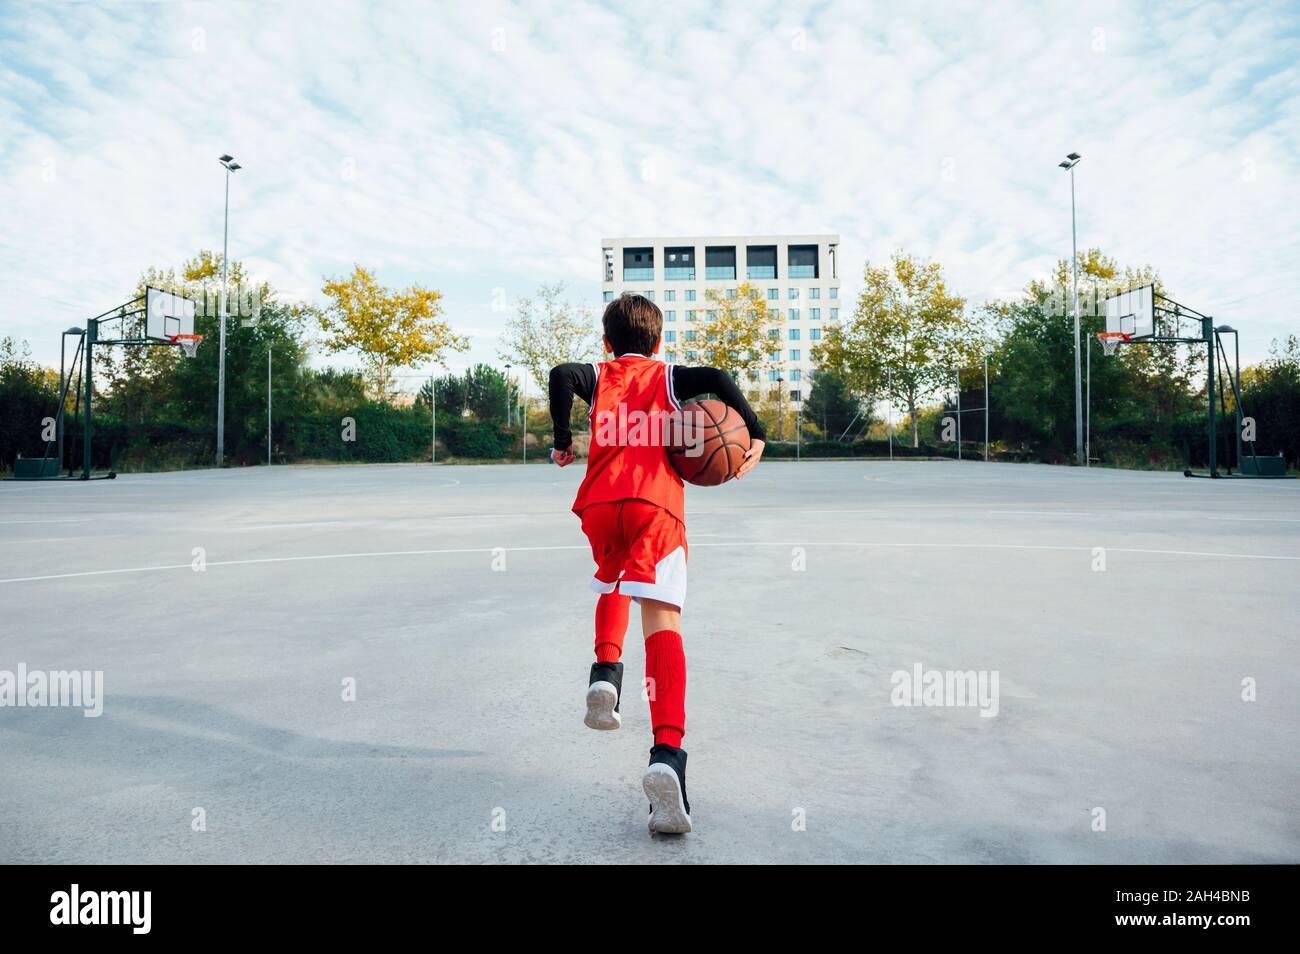 Garçon jouant au basket-ball à l'extérieur sur cour Banque D'Images